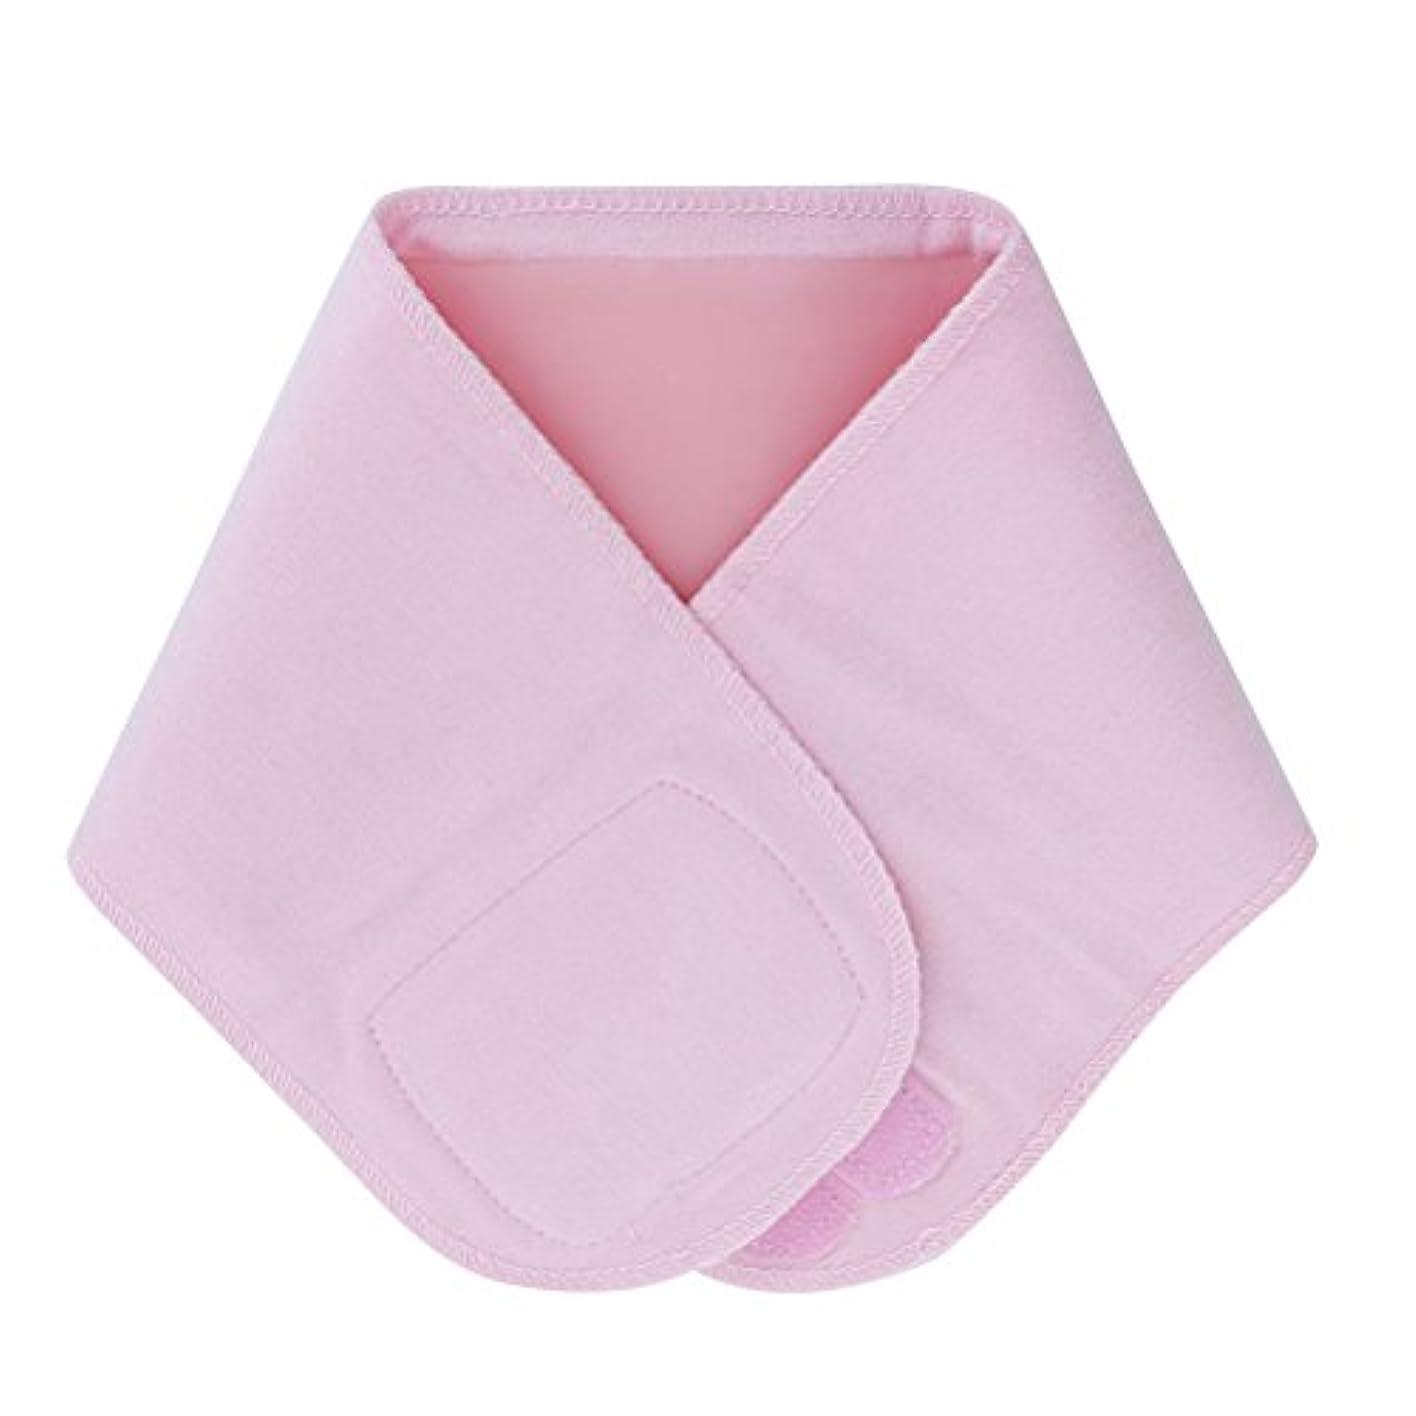 講義着る太陽Lurrose ジェルネックラップ伸縮性保湿スムースホワイトニングネックスキンアンチリンクルカラー(ピンク)